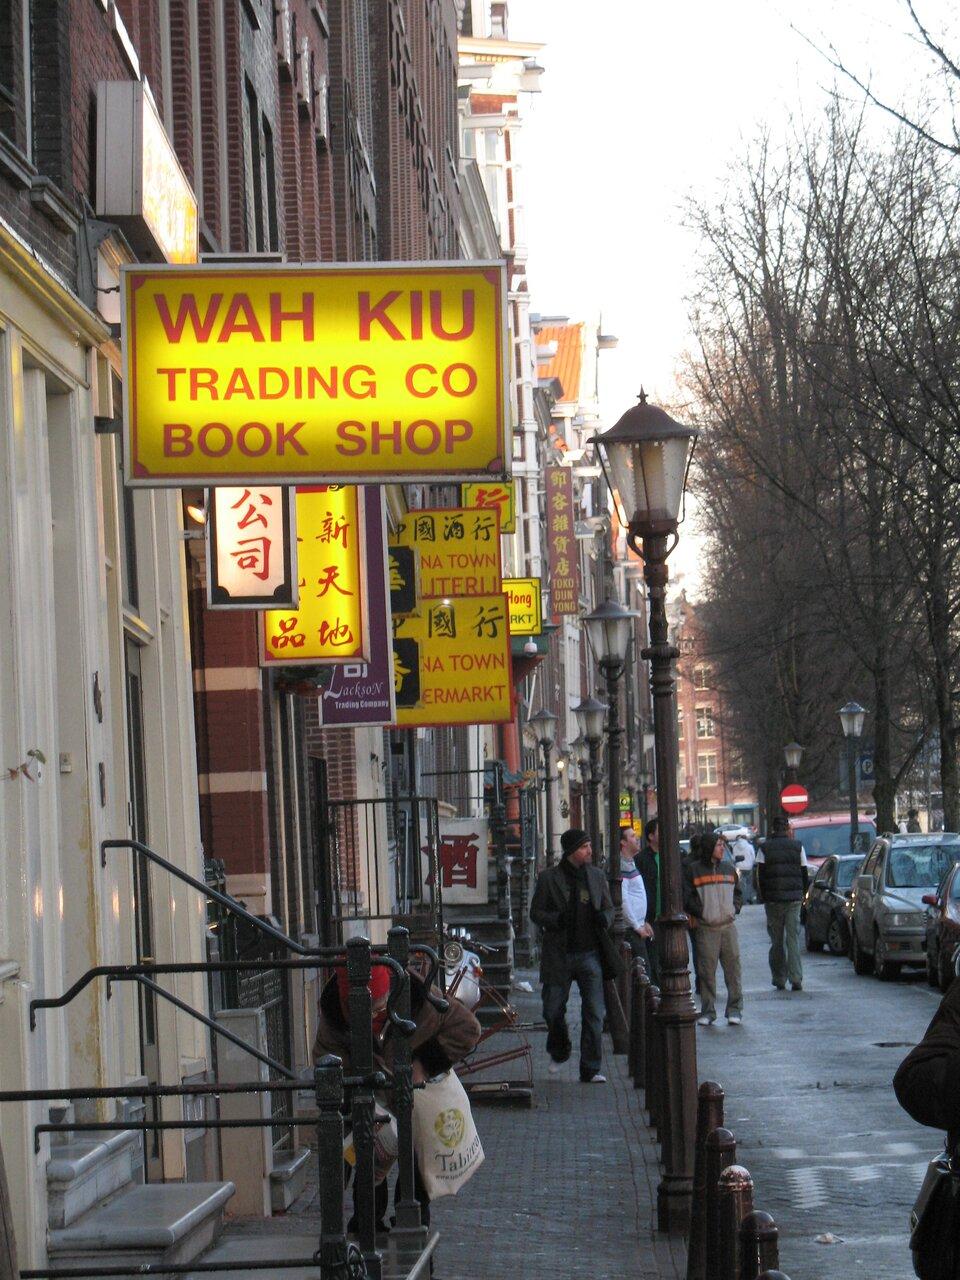 Ulica wchińskiej dzielnicy wAmsterdamie, na budynkach duża ilość żółtych neonów zczerwonymi chińskimi napisami.